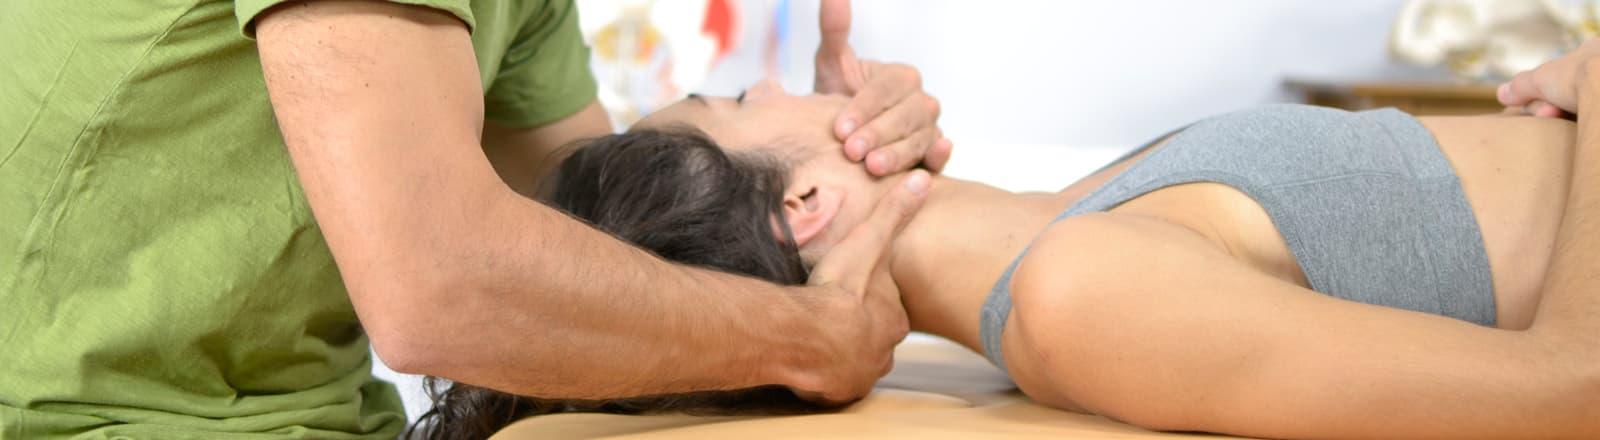 masaje terapeutico bilbao